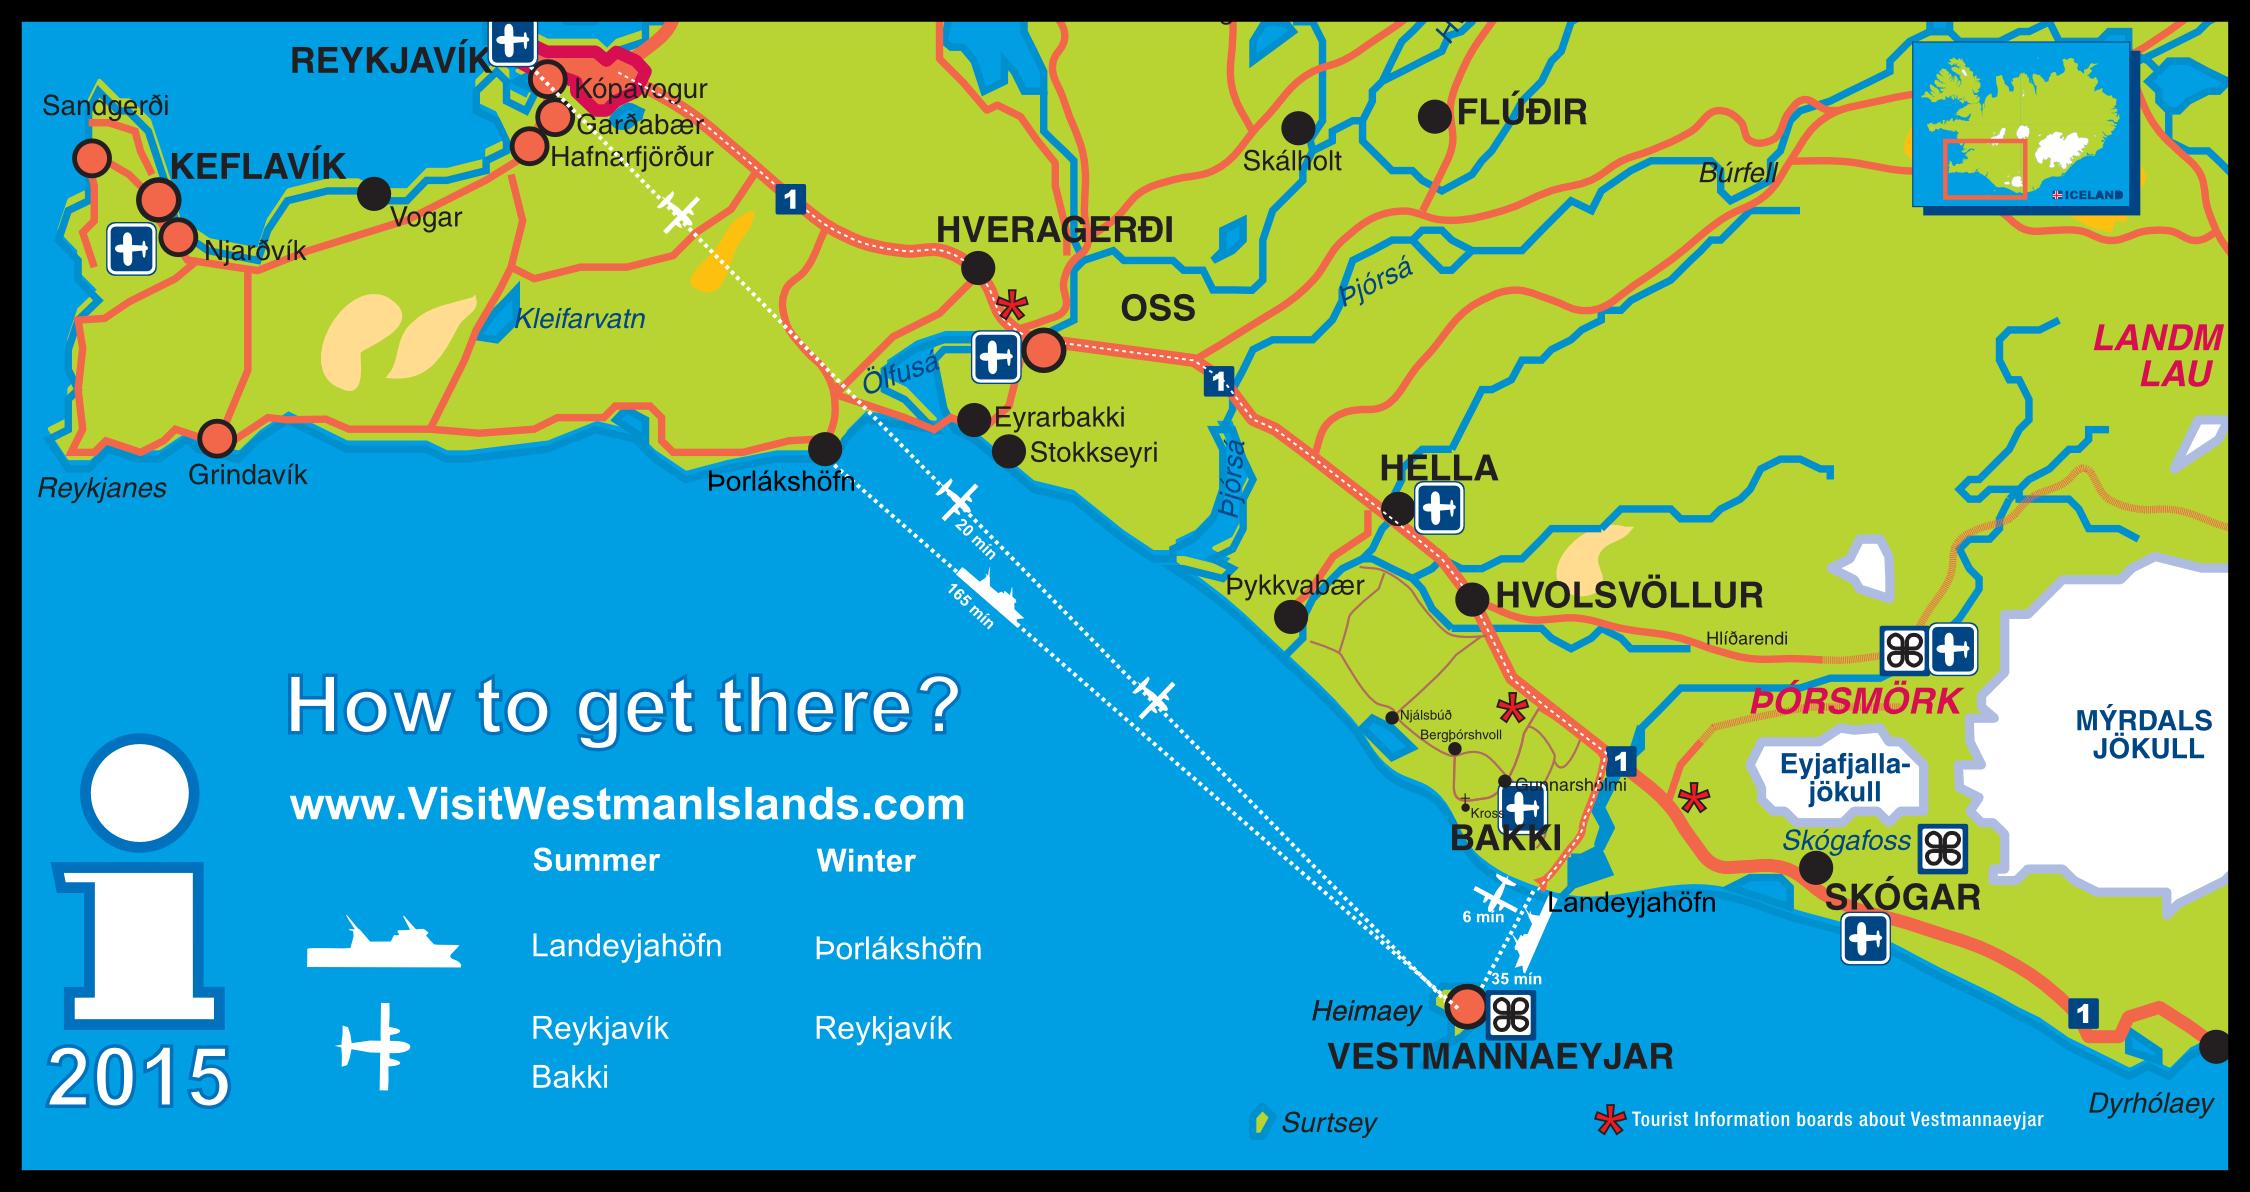 how_to_get_to_westmanislands2015b